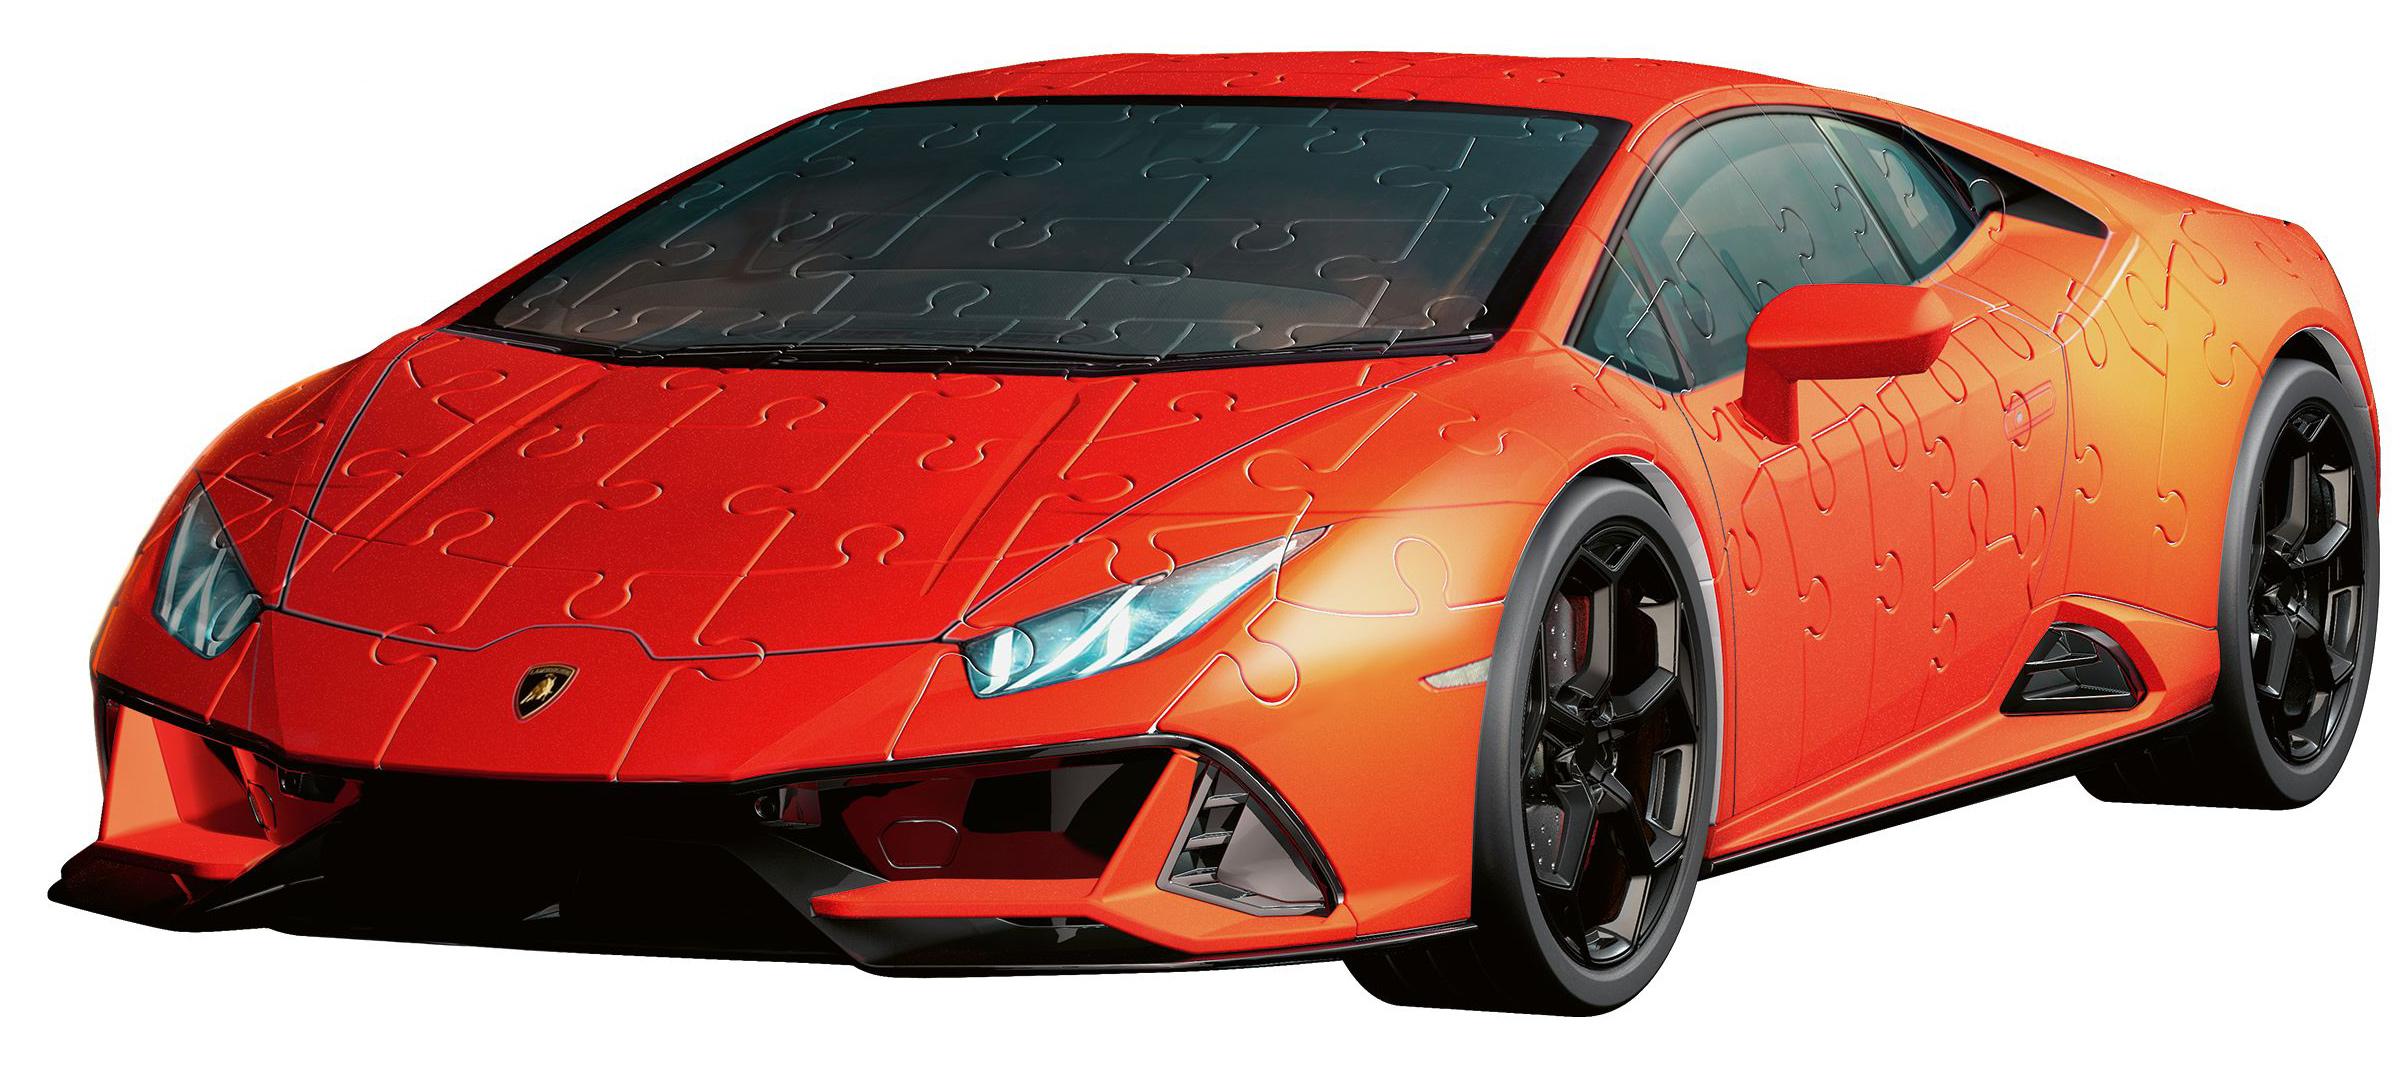 Lamborghini Huracan EVO Vehicles Shaped Puzzle